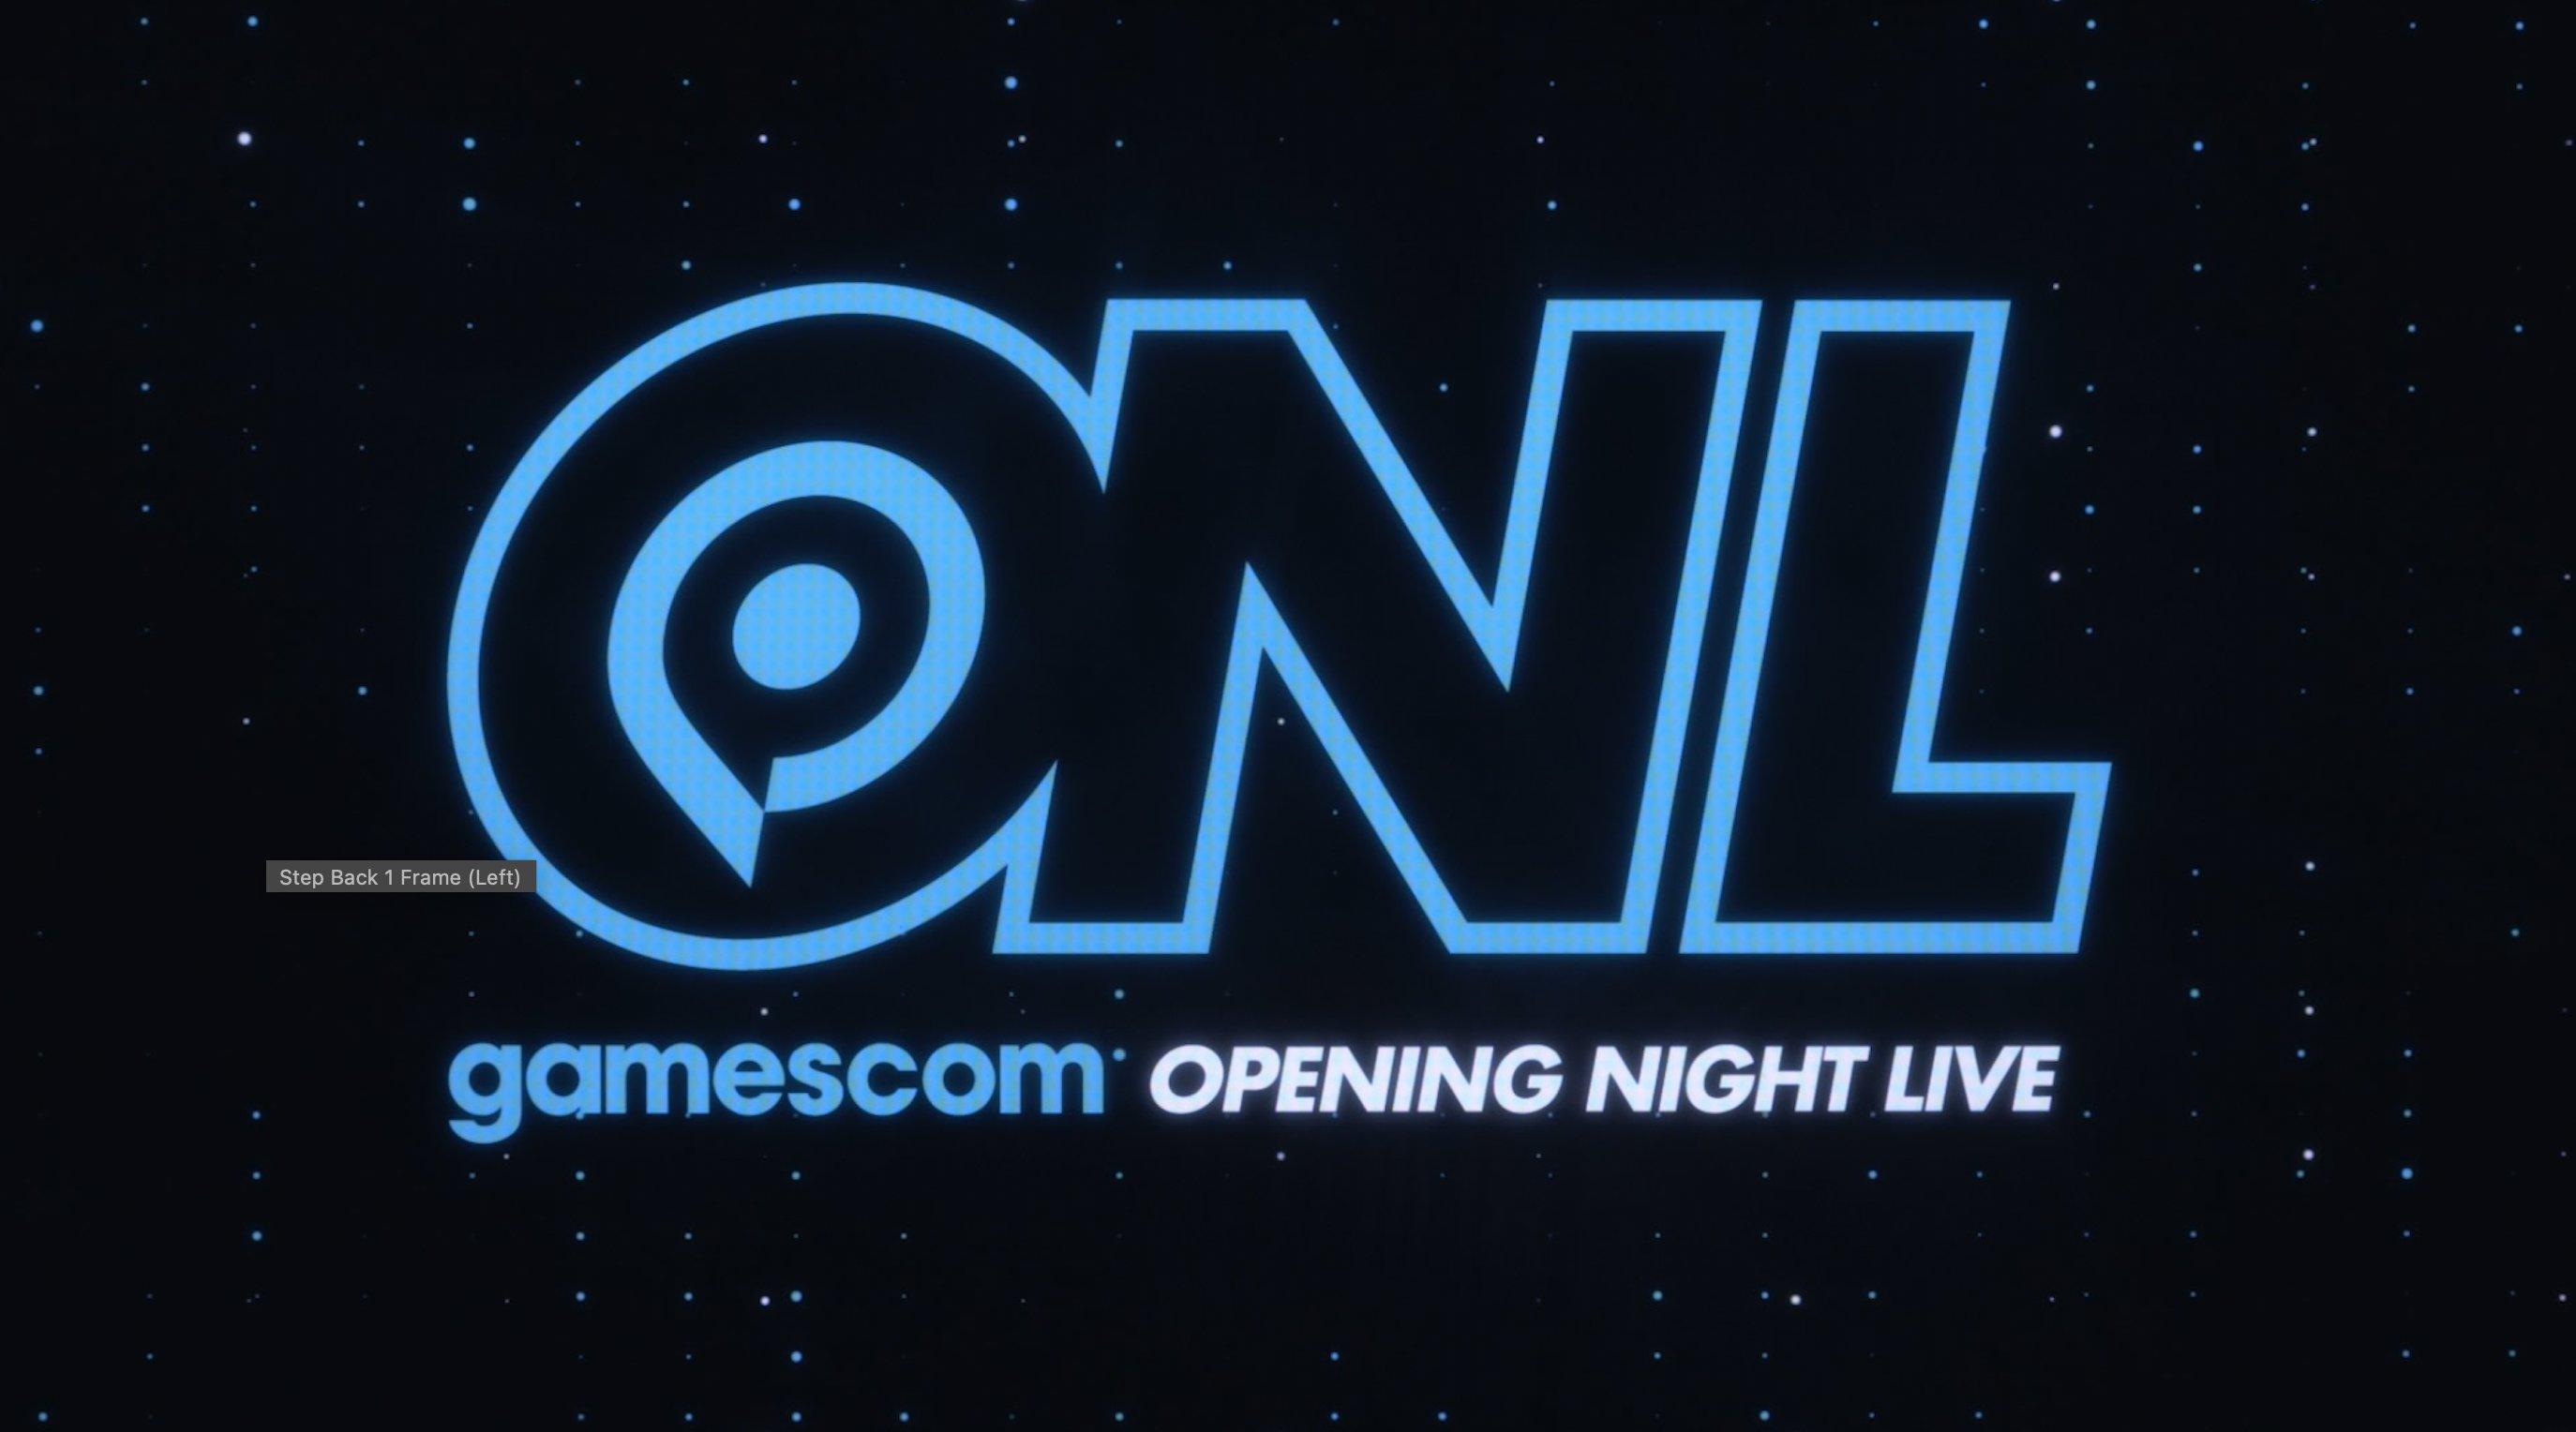 线上Gamescom展会吸引了1300万观众